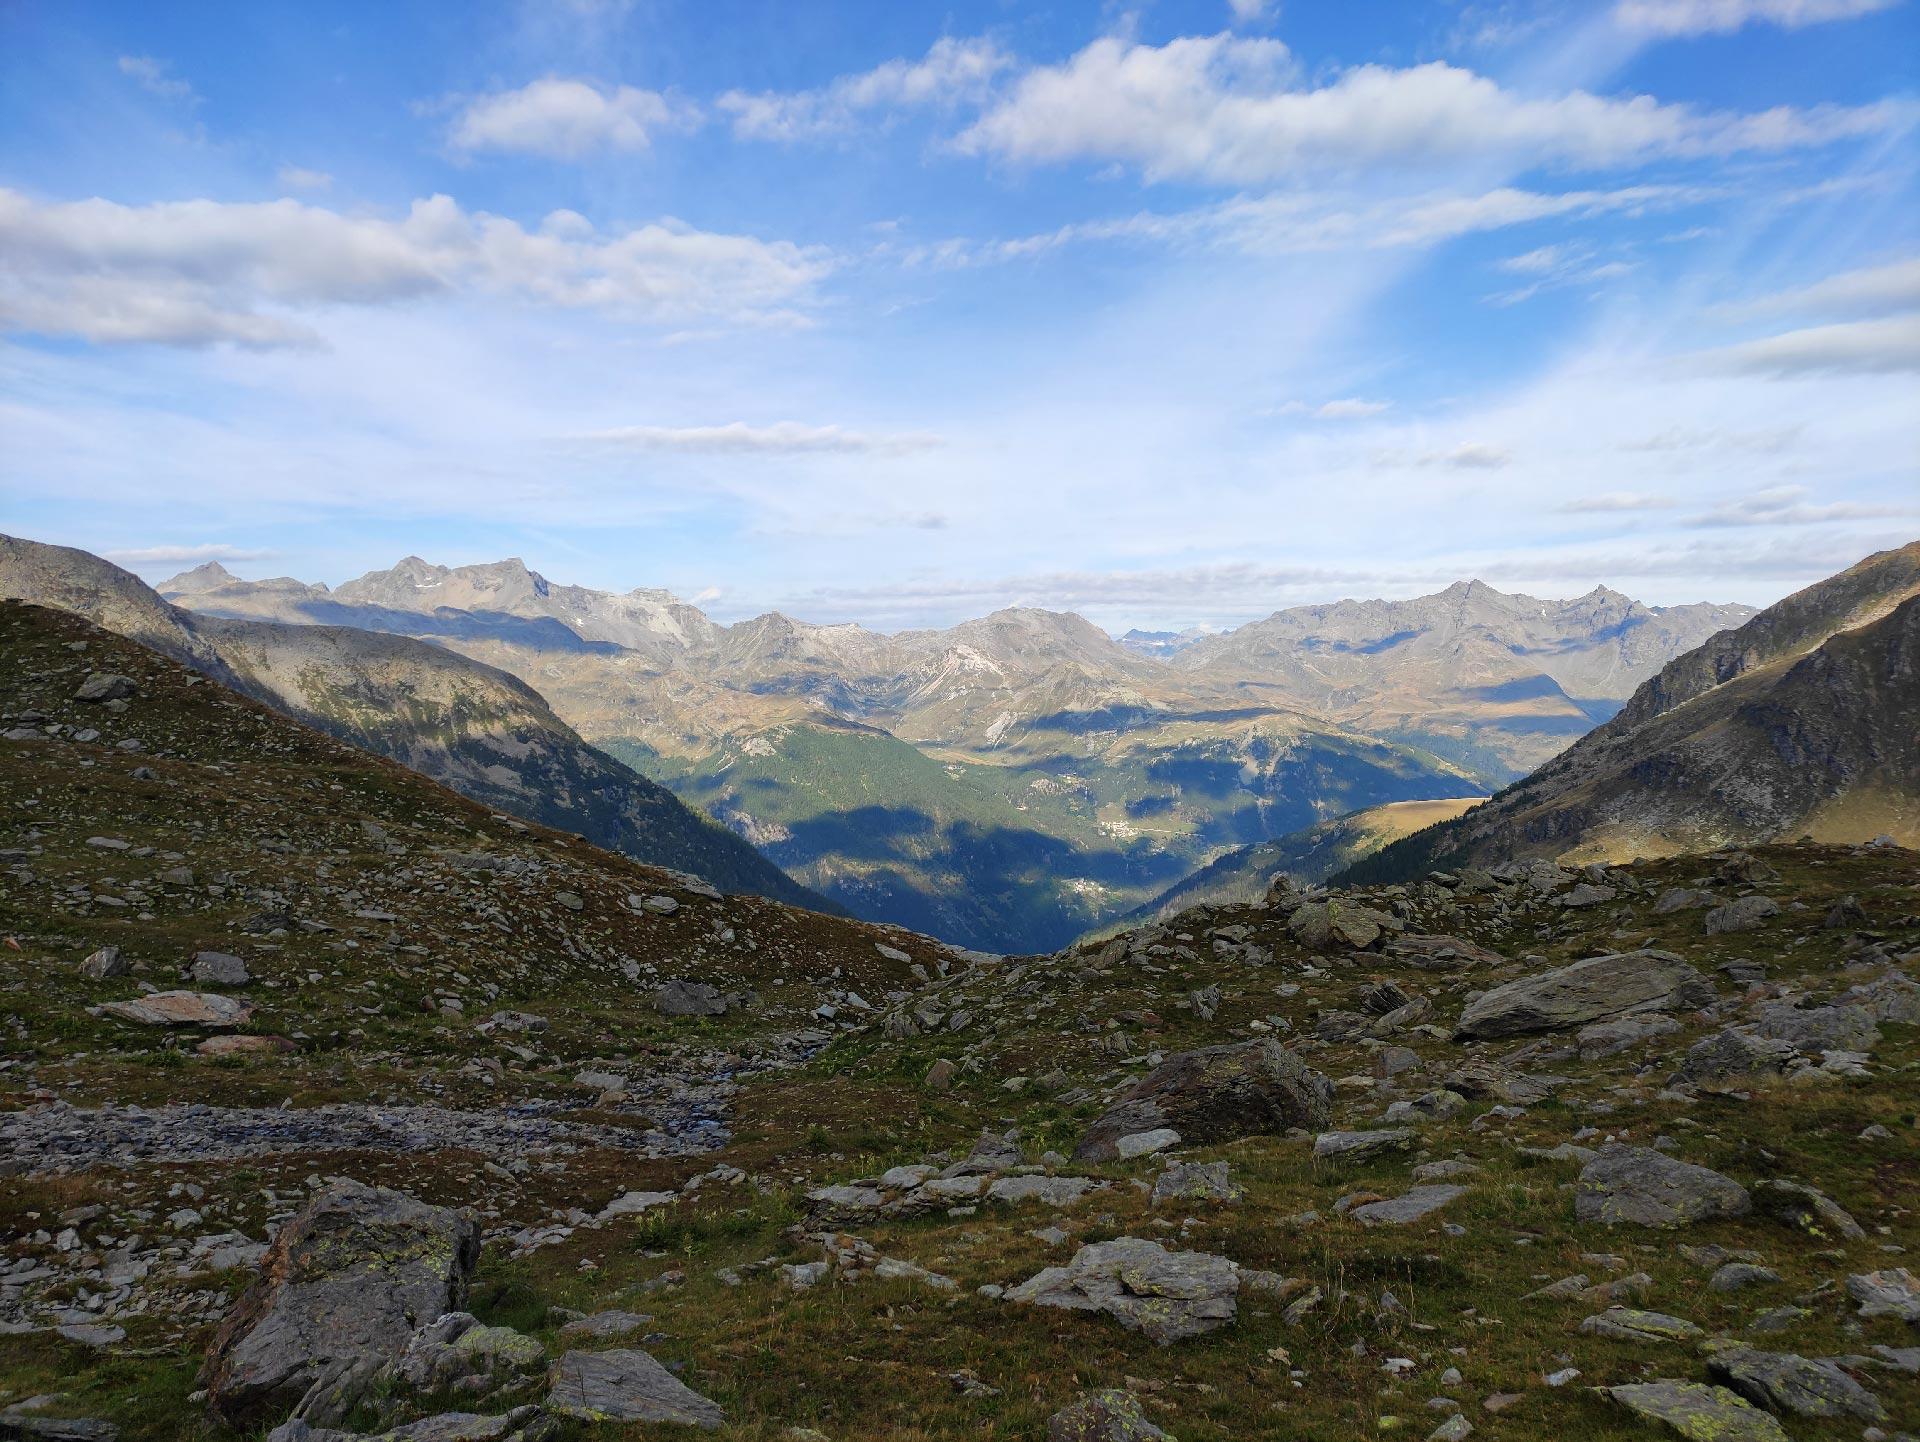 Veduta dei monti della Valle Spluga, oltre il Rifugio Chiavenna, Madesimo, Lombardia